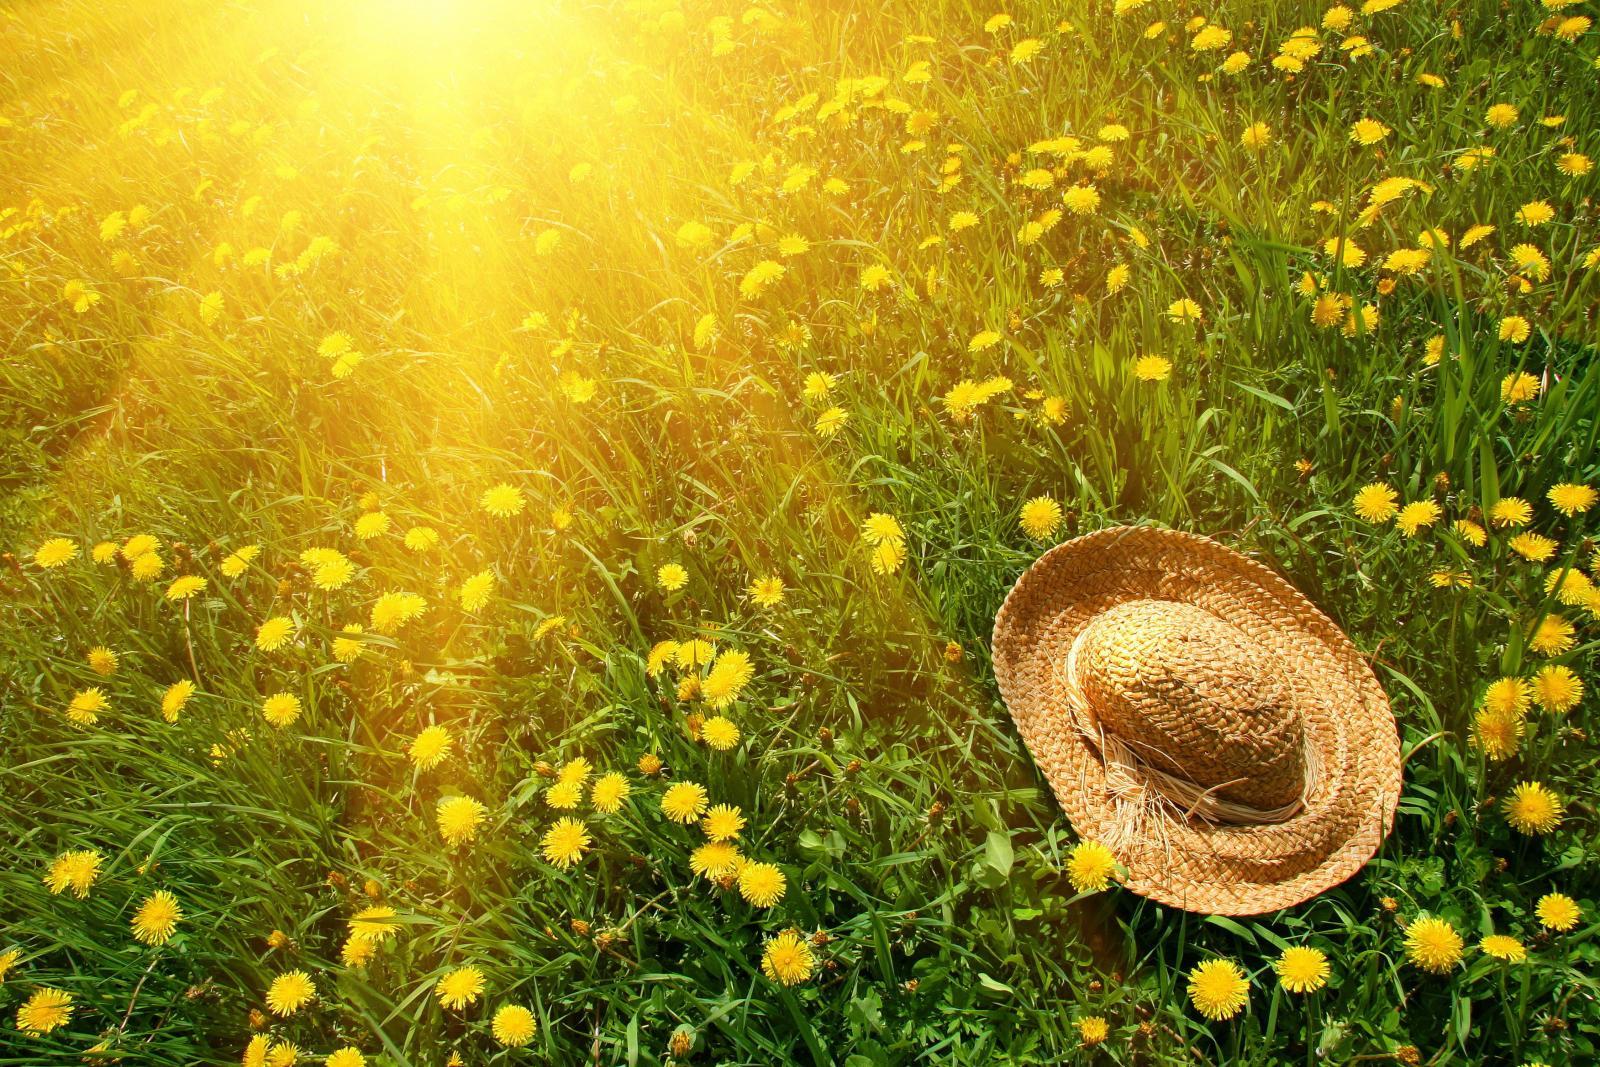 Завтра в Брянске будет жарко и без дождей